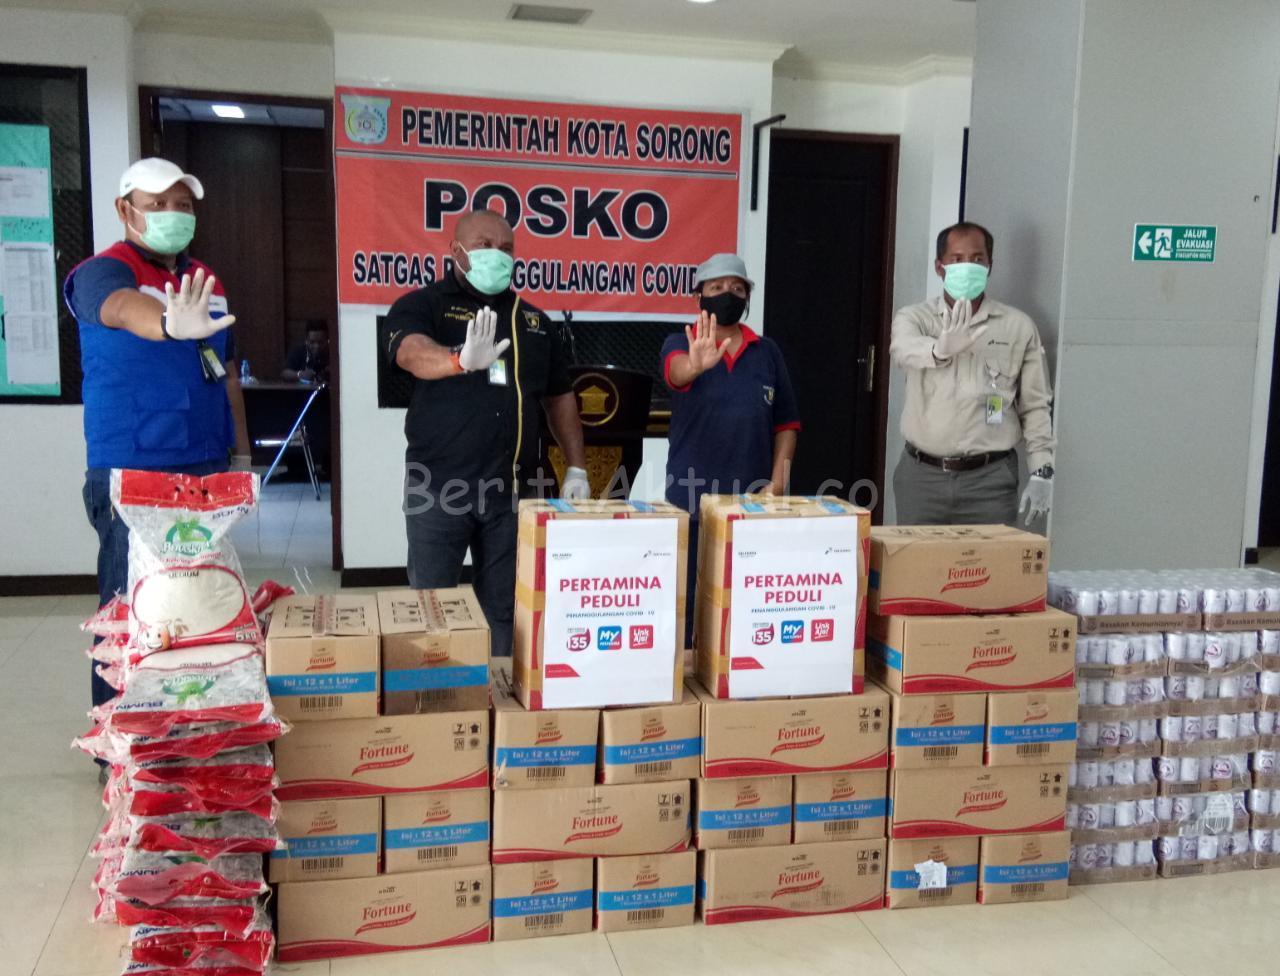 Pertamina RU VII Kasim Salurkan 2 Ton Beras Untuk Warga Kota Sorong 3 IMG 20200419 WA0012